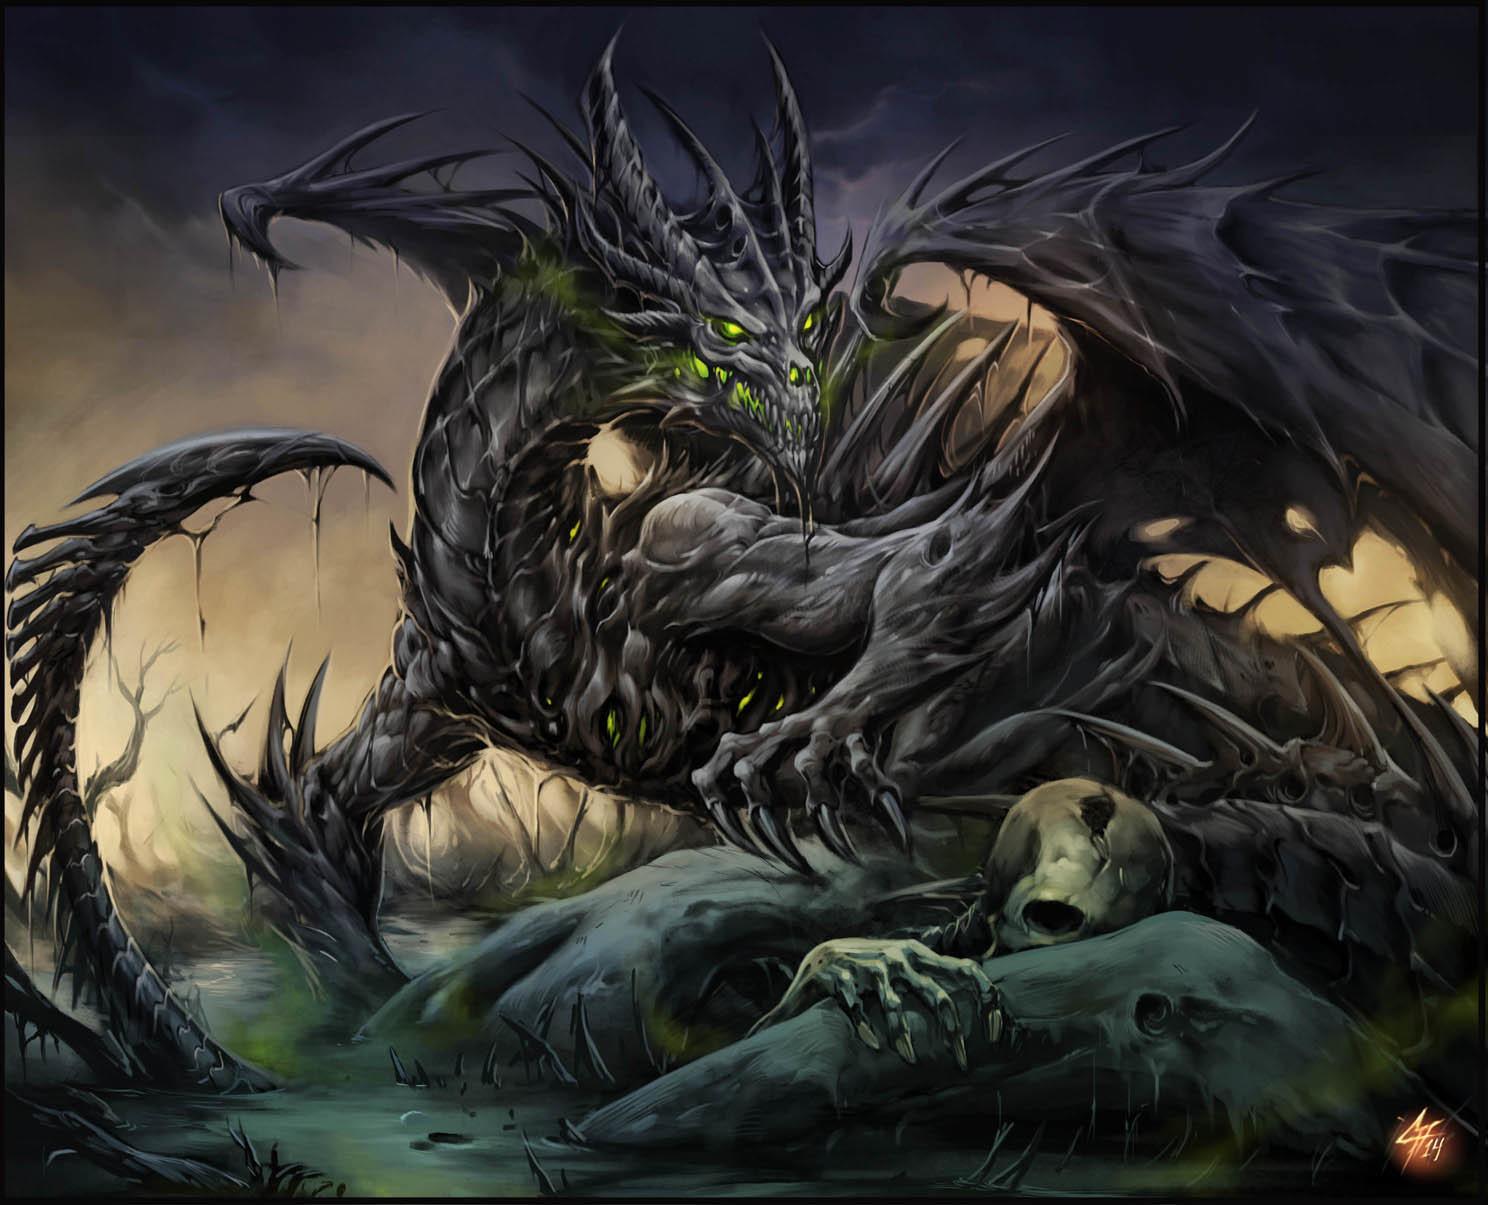 Картинки дракона смерти